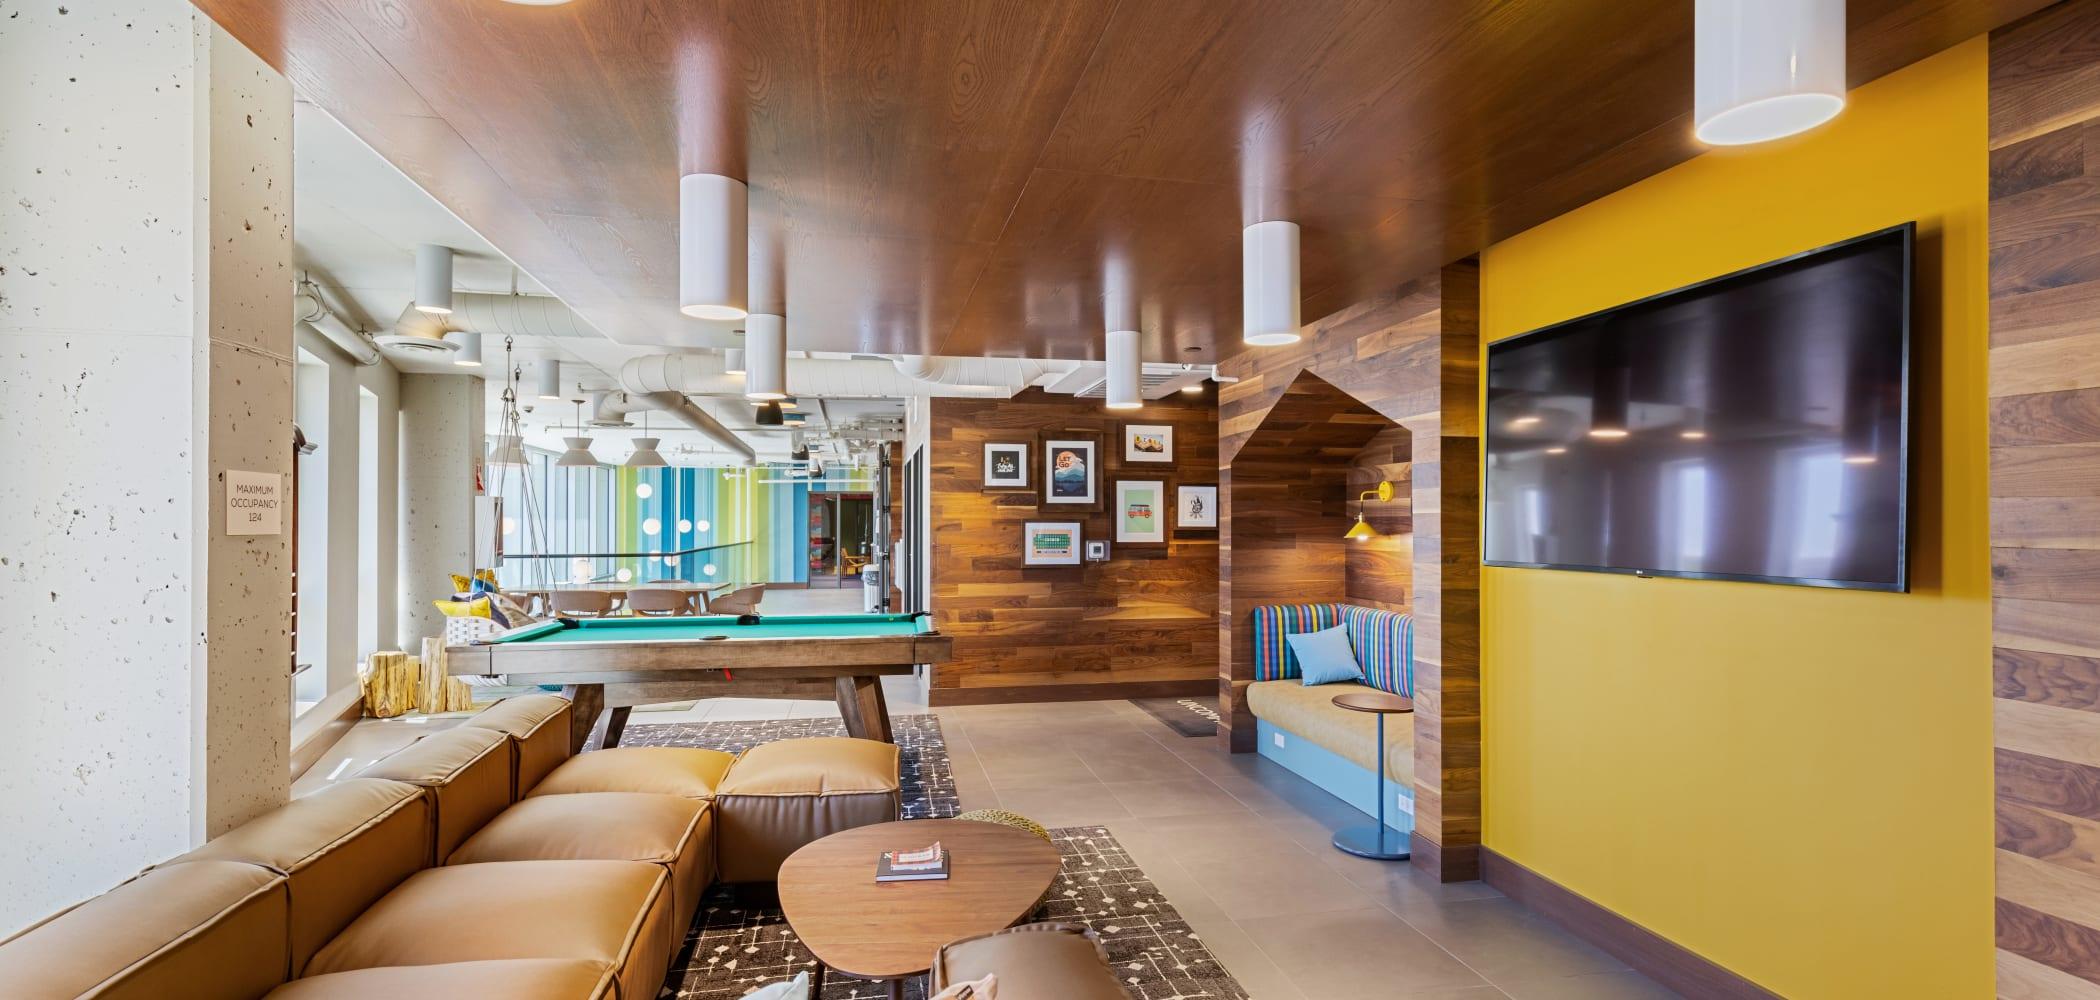 Community clubhouse at UNCOMMON Reno in Reno, Nevada